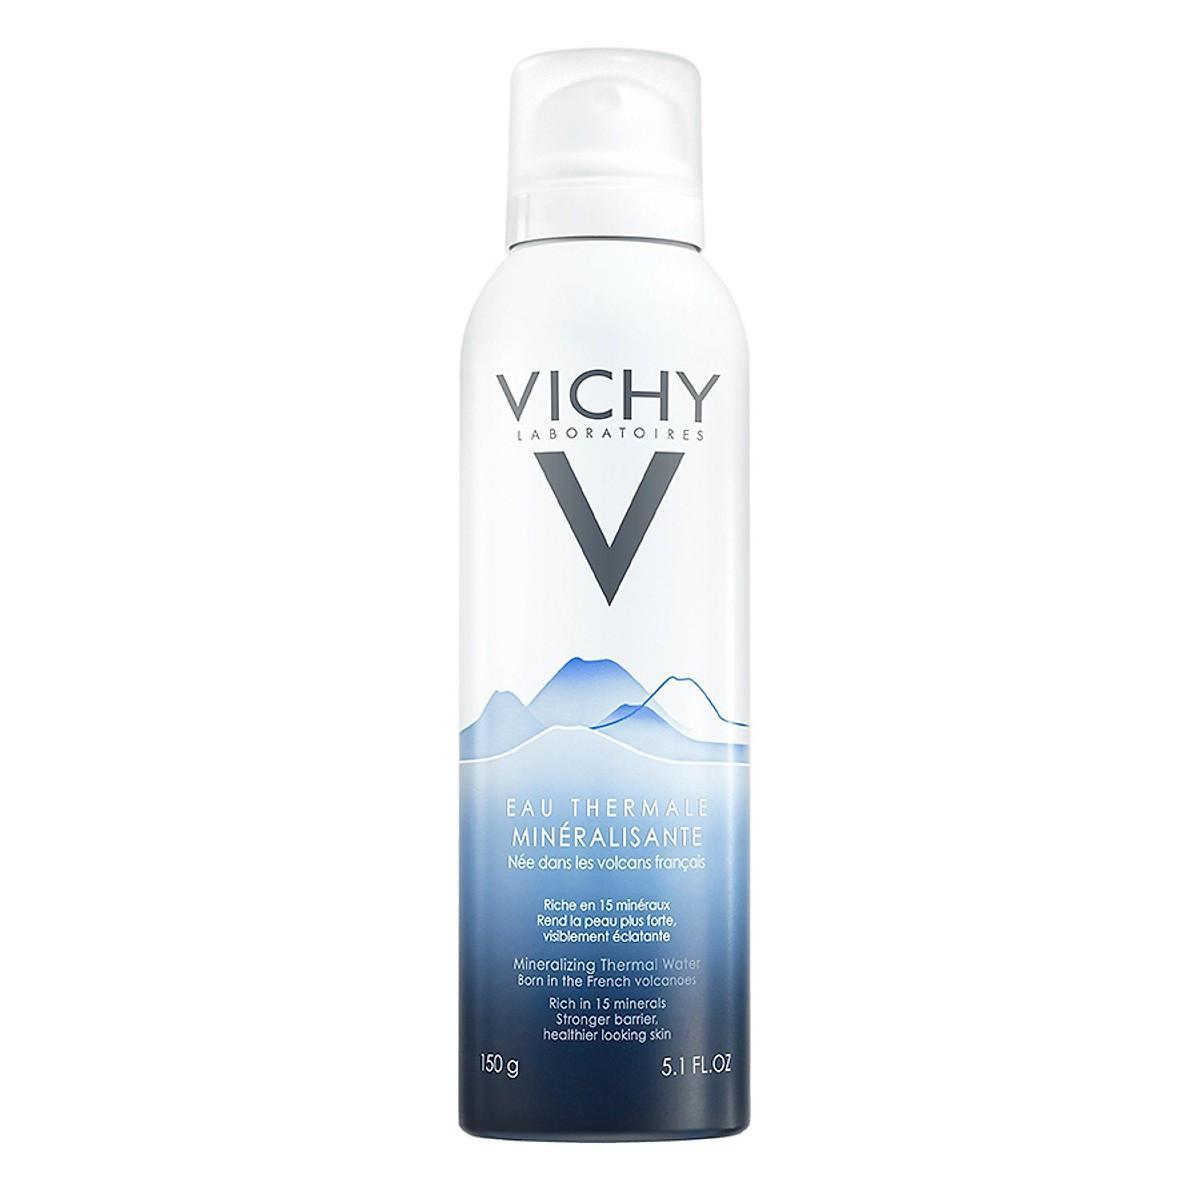 Đánh giá chi tiết Xịt khoáng Vichy Eau Thermale